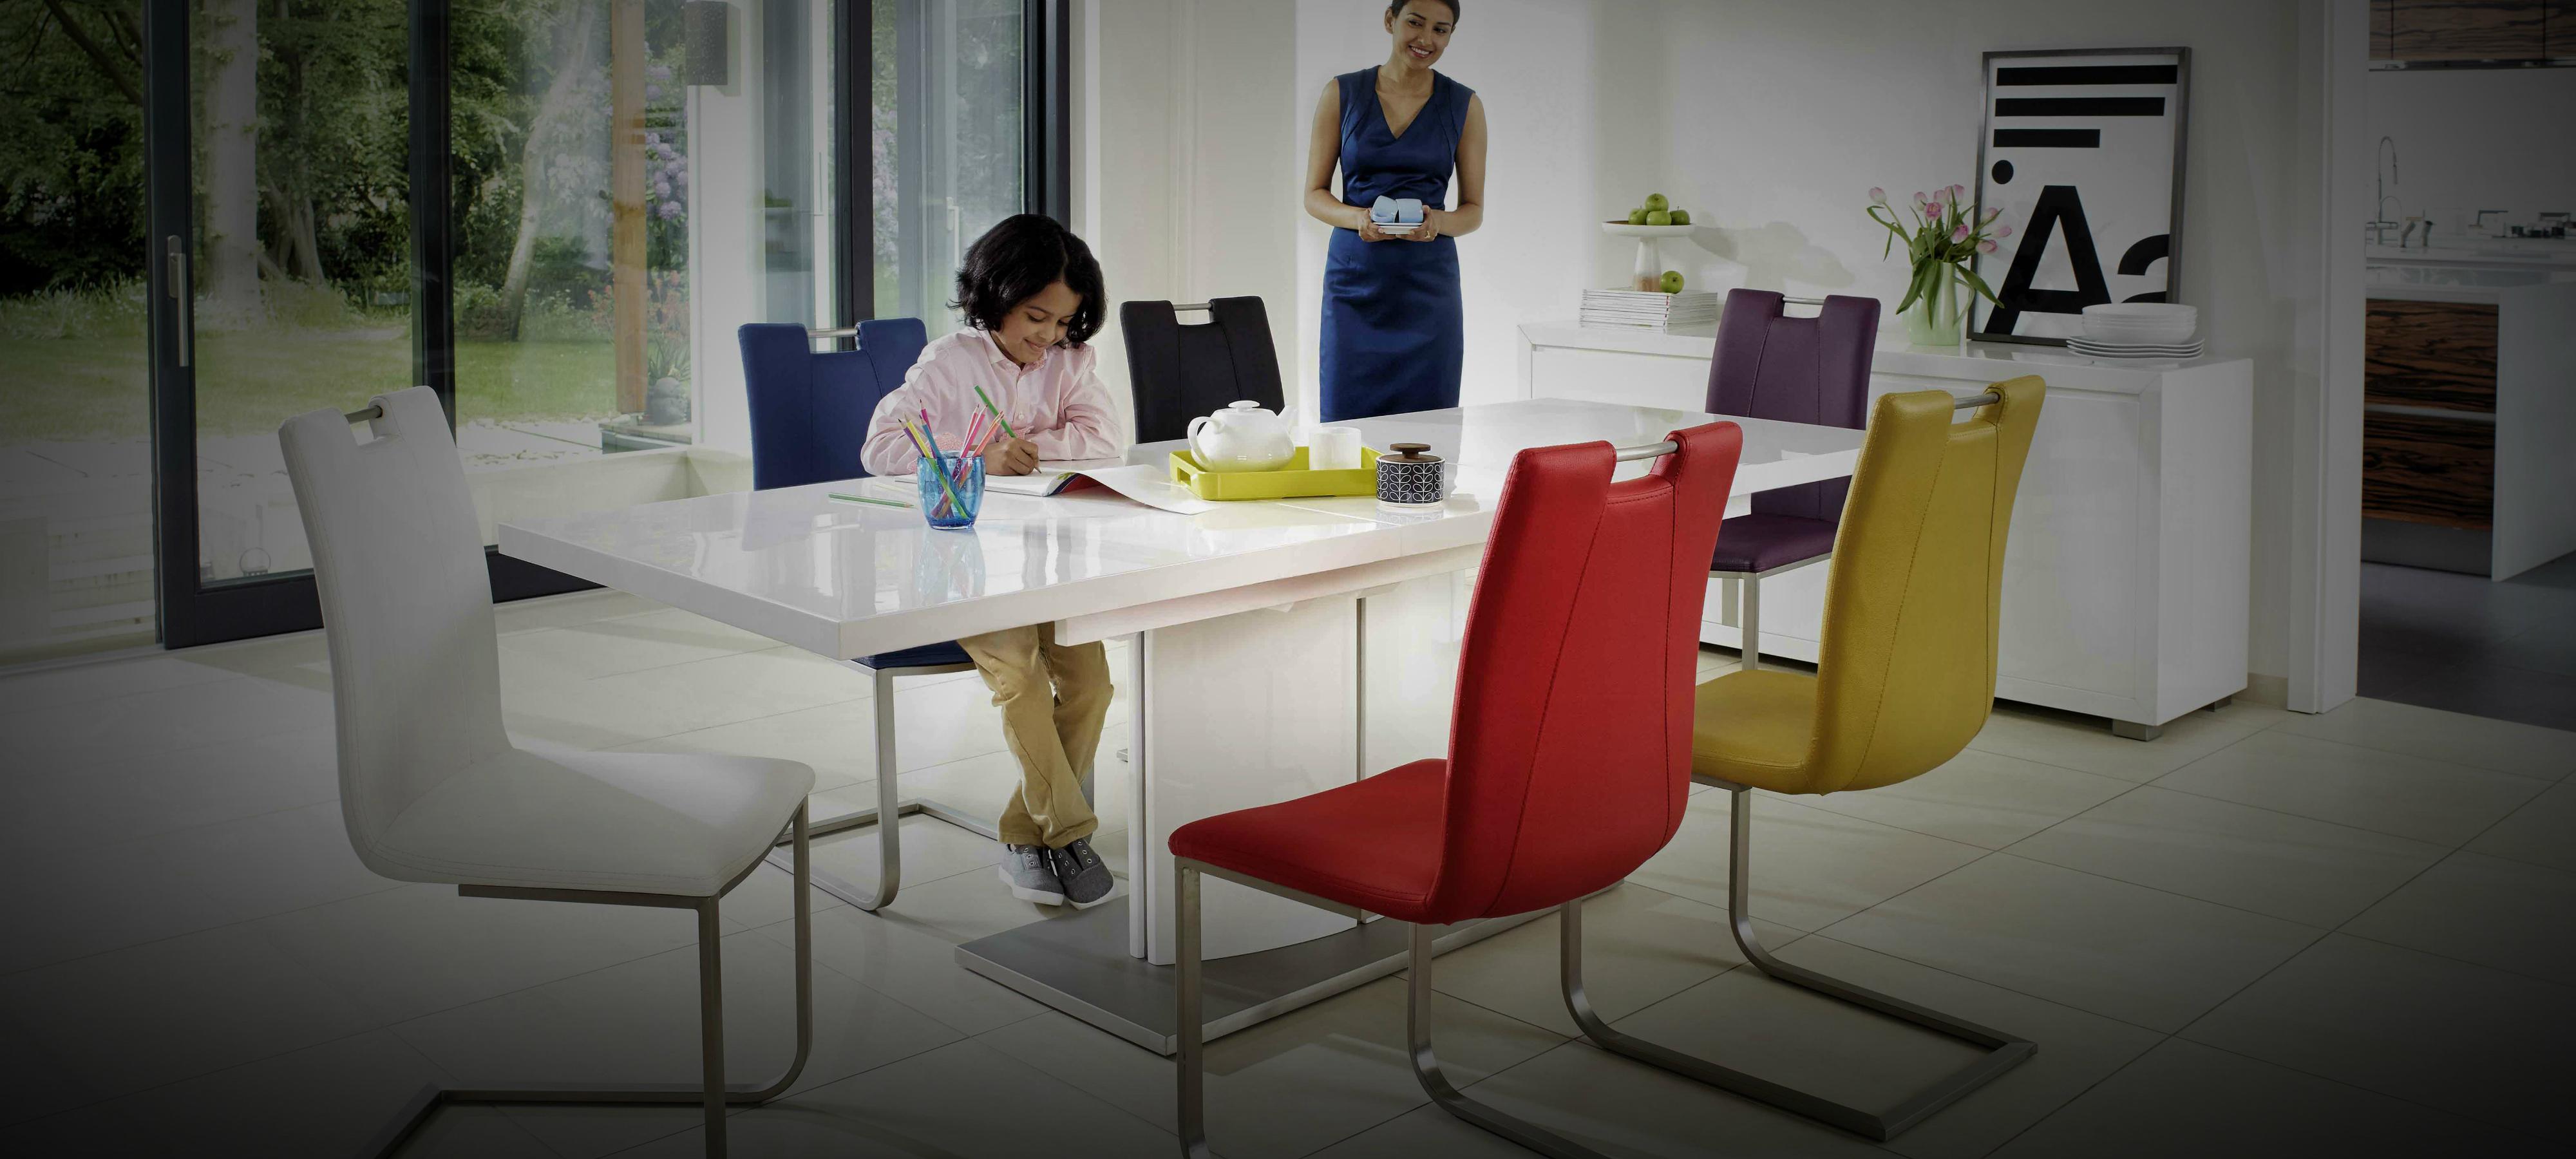 Furniture village appoints summit summit for Furniture u village